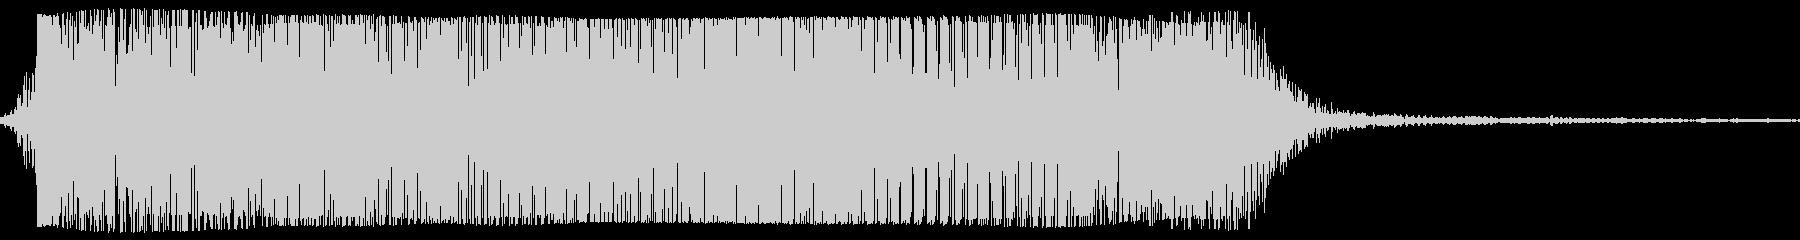 ギターメタルパワーコードzi wの未再生の波形